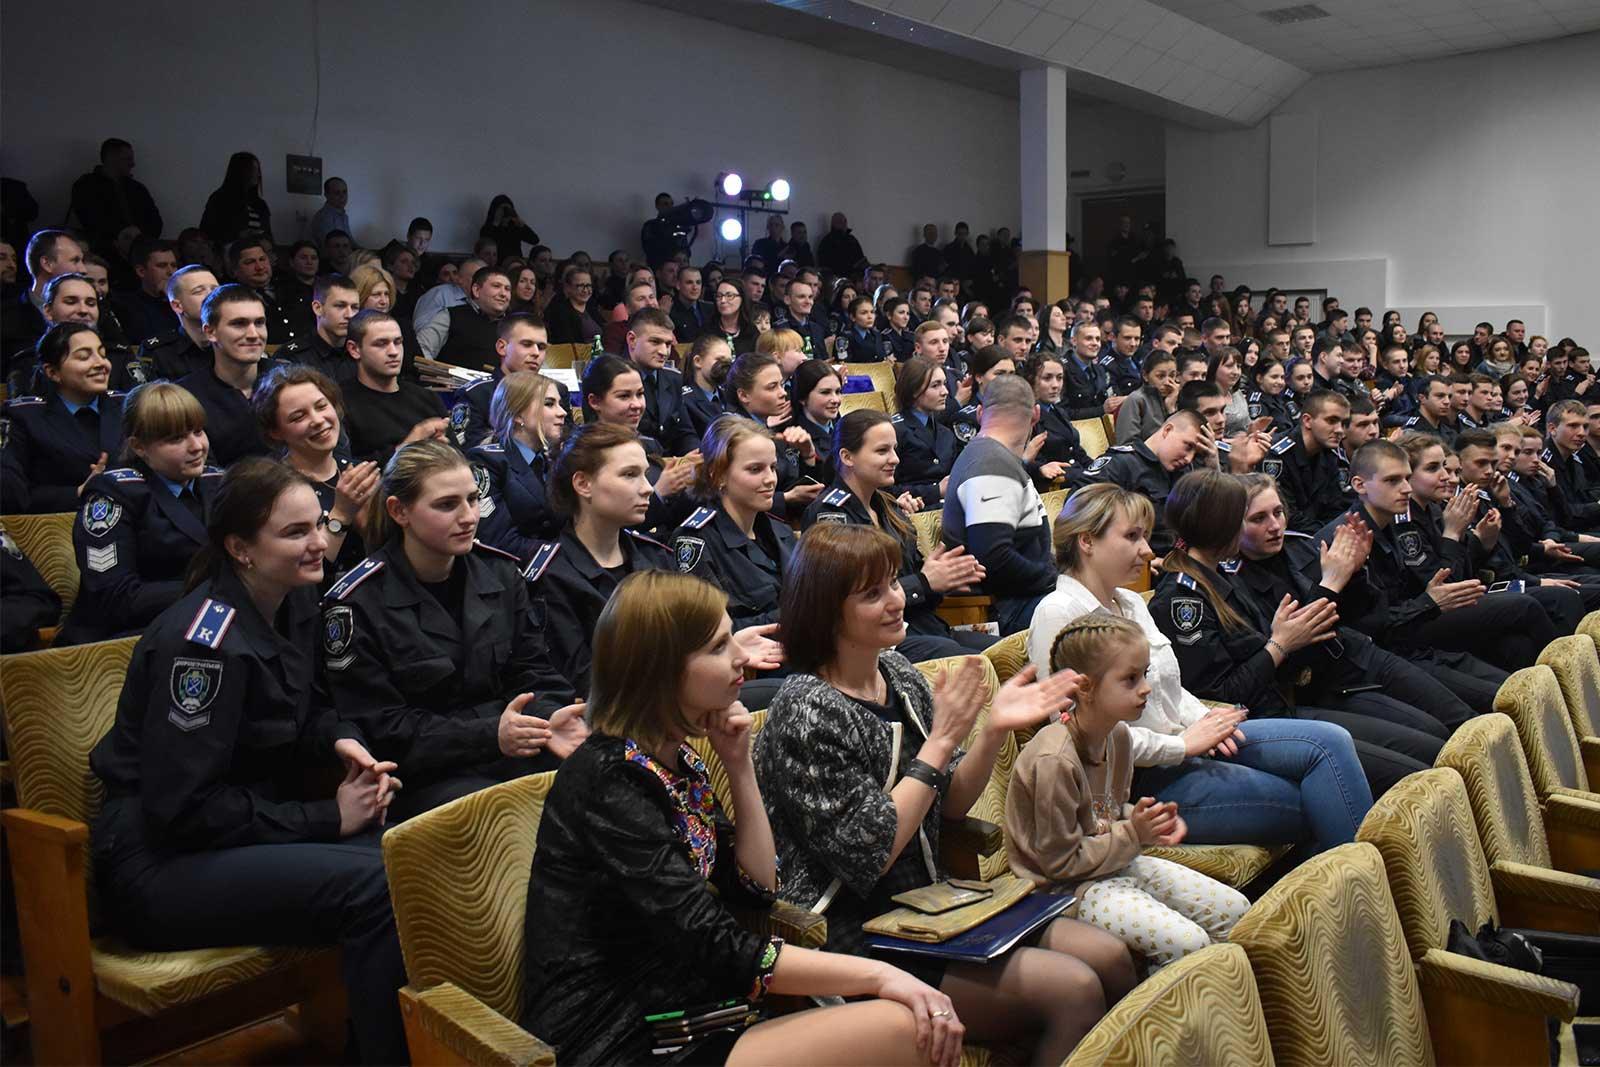 Конкурс Клубу веселих та кмітливих у ДДУВС.